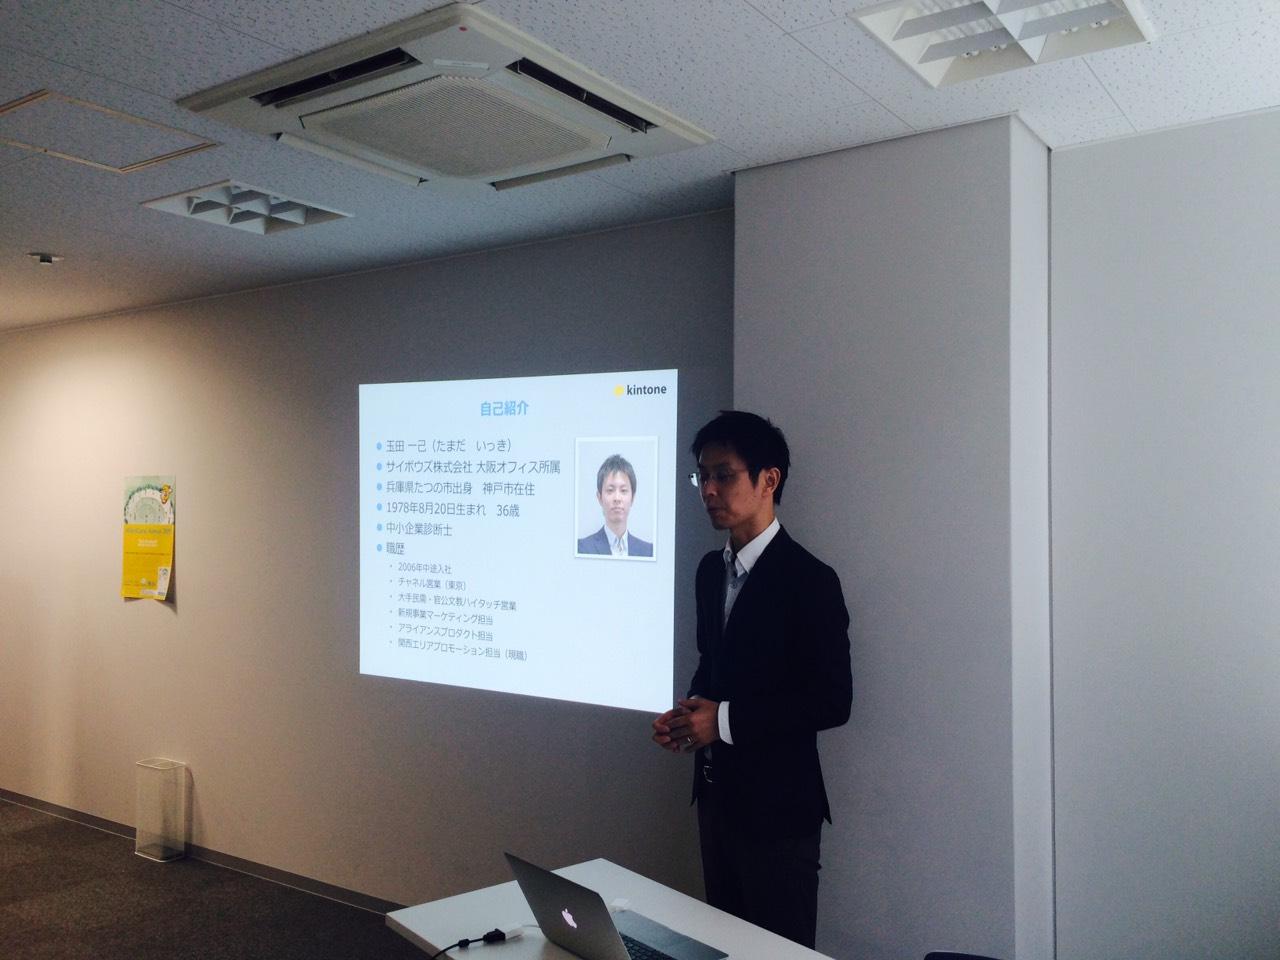 初めて大阪でプリントクリエイターのセミナーを開催しました